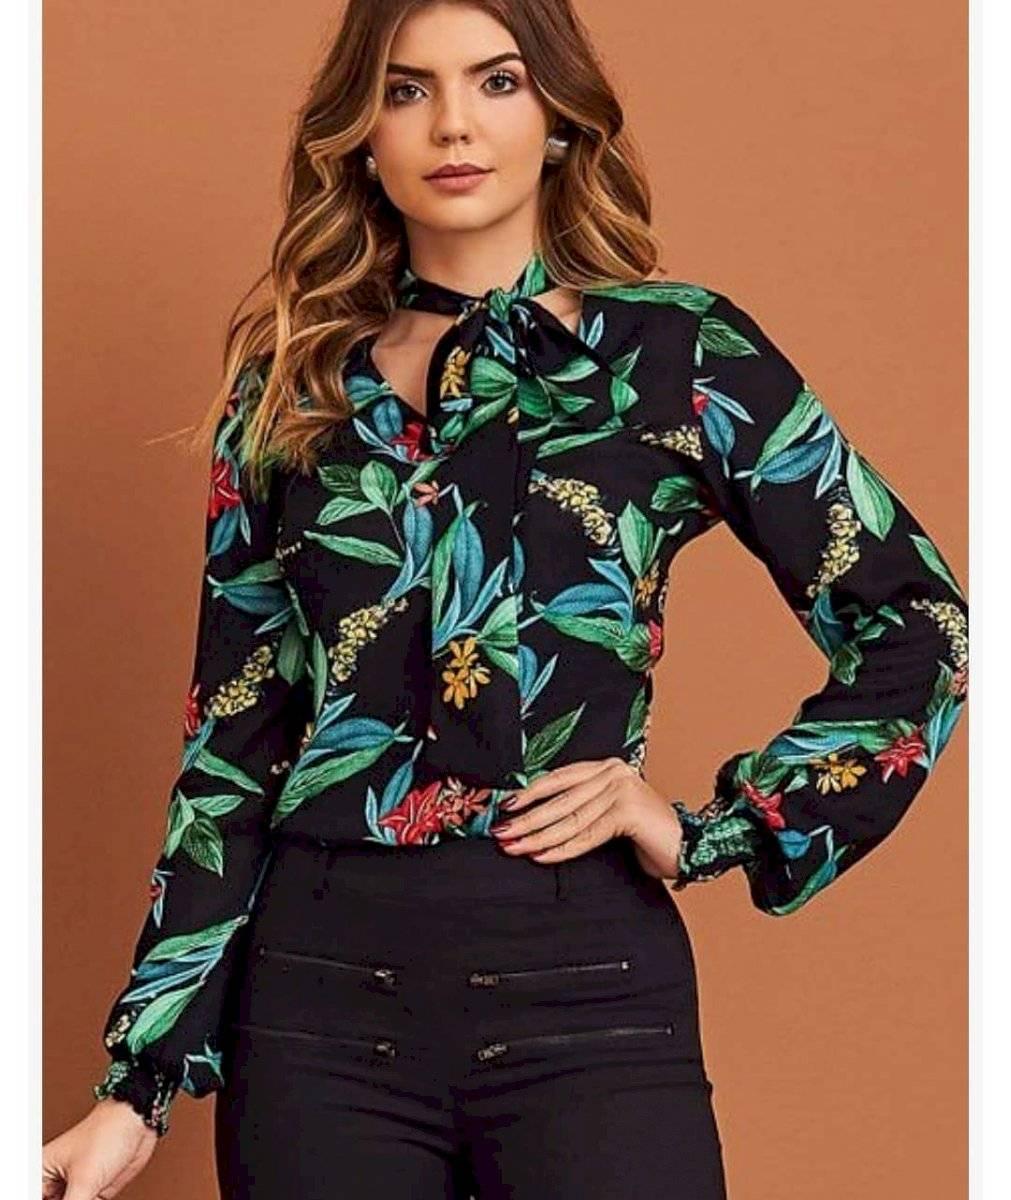 10 tendencias de moda definitivas para Primavera-Verano